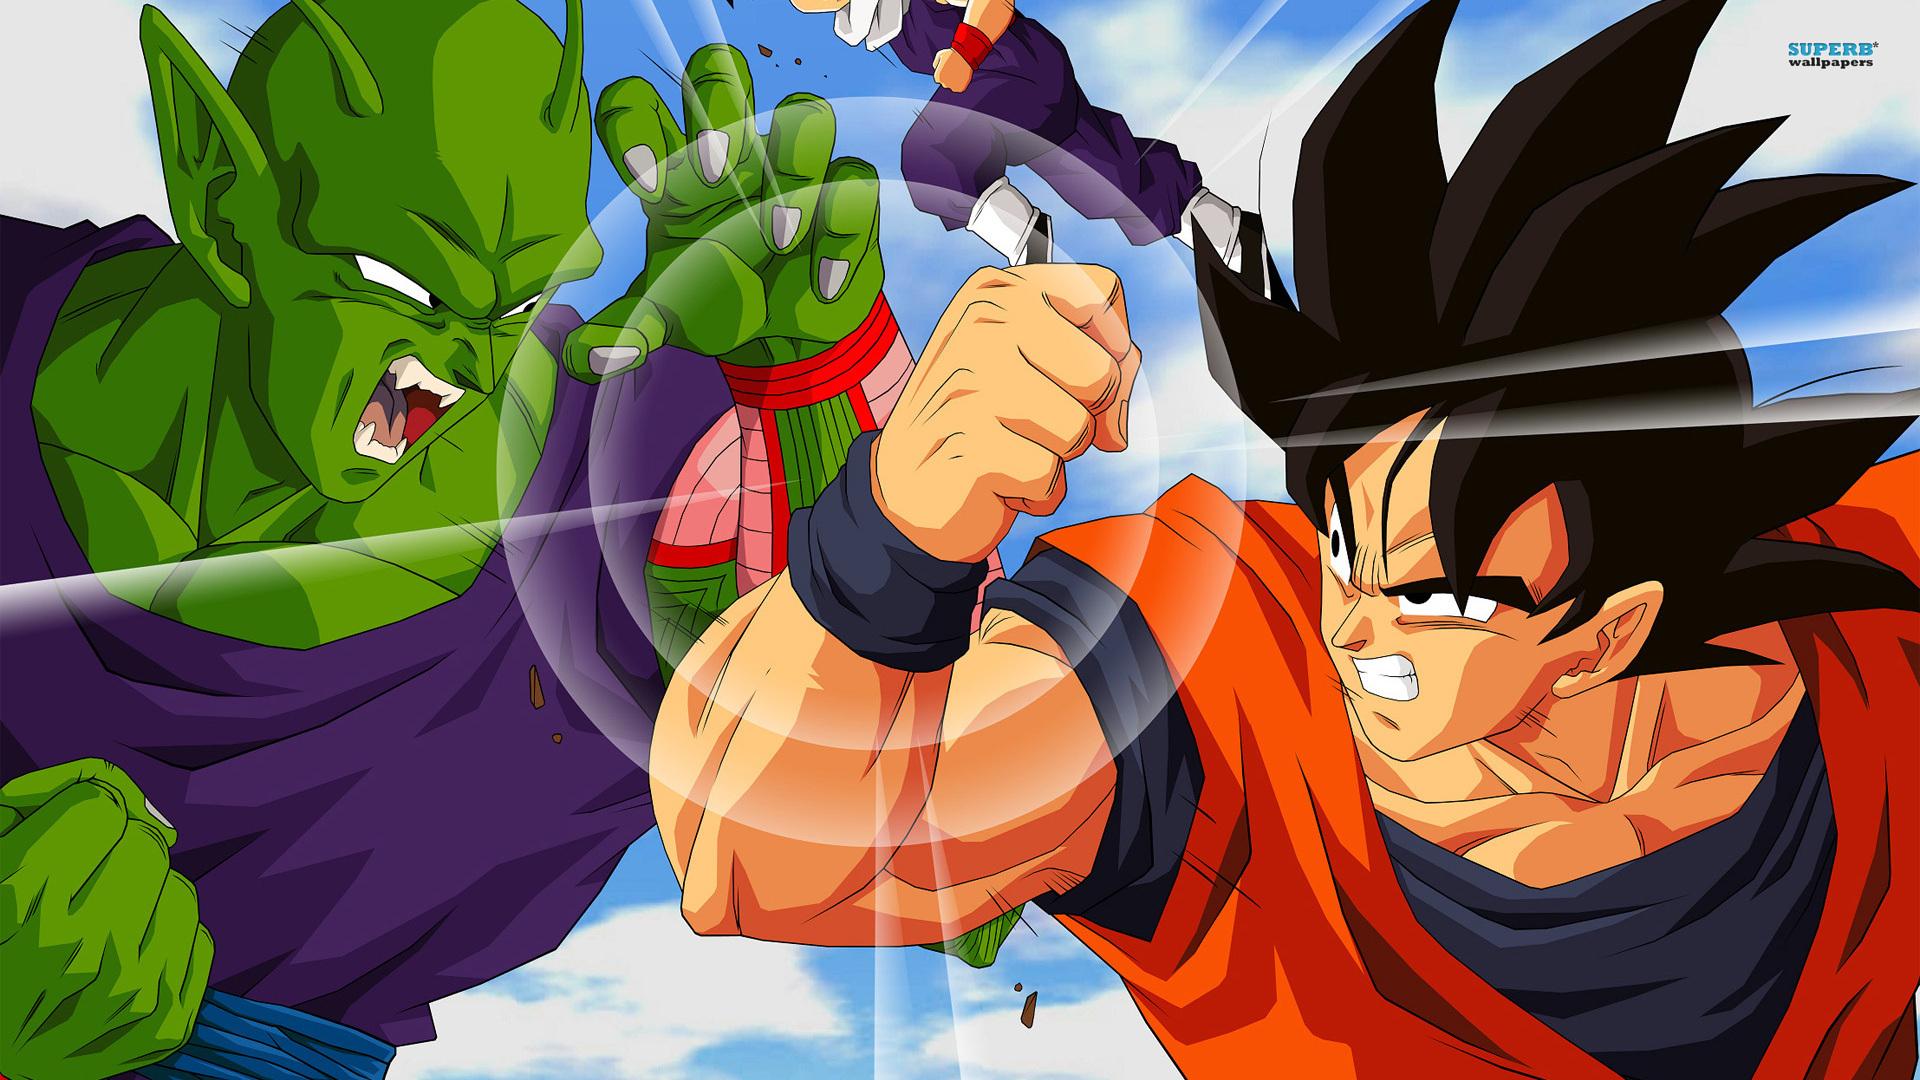 High Resolution Best Anime Dragon Ball Z Wallpaper HD 10 1920x1080